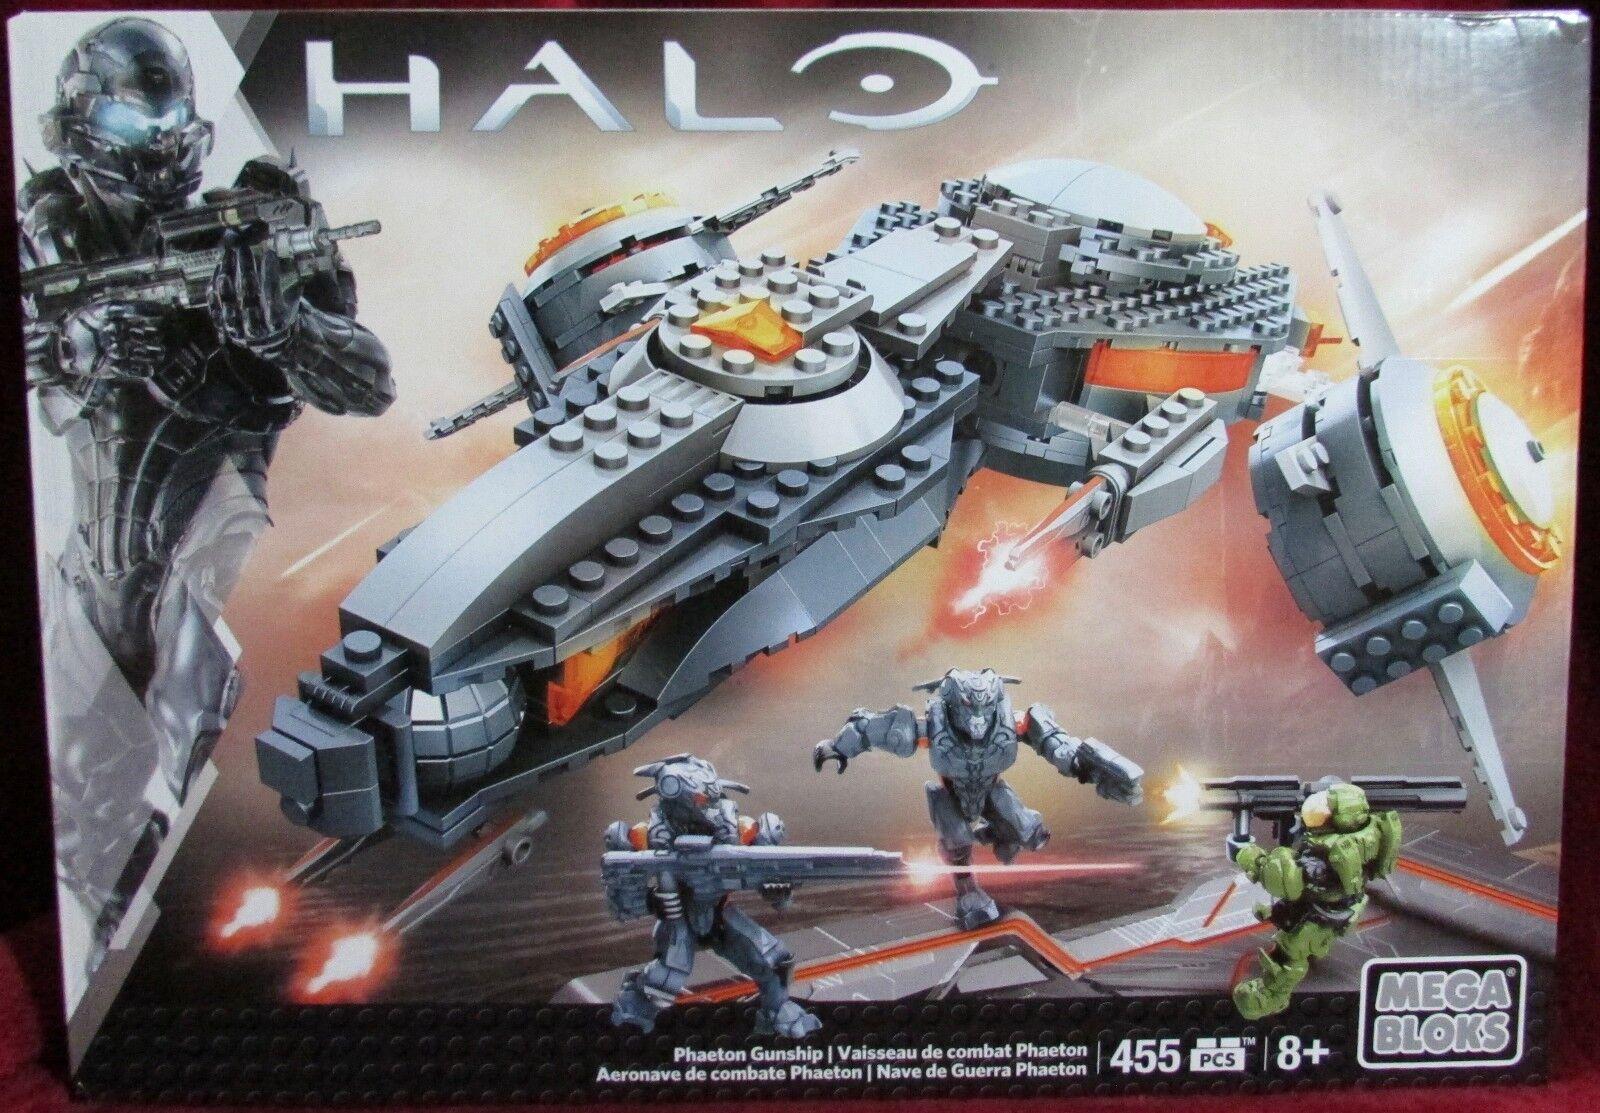 Mega Bloks - Halo - Phaeton Gunship CNG67 - Interchangeable Armor System - NEW